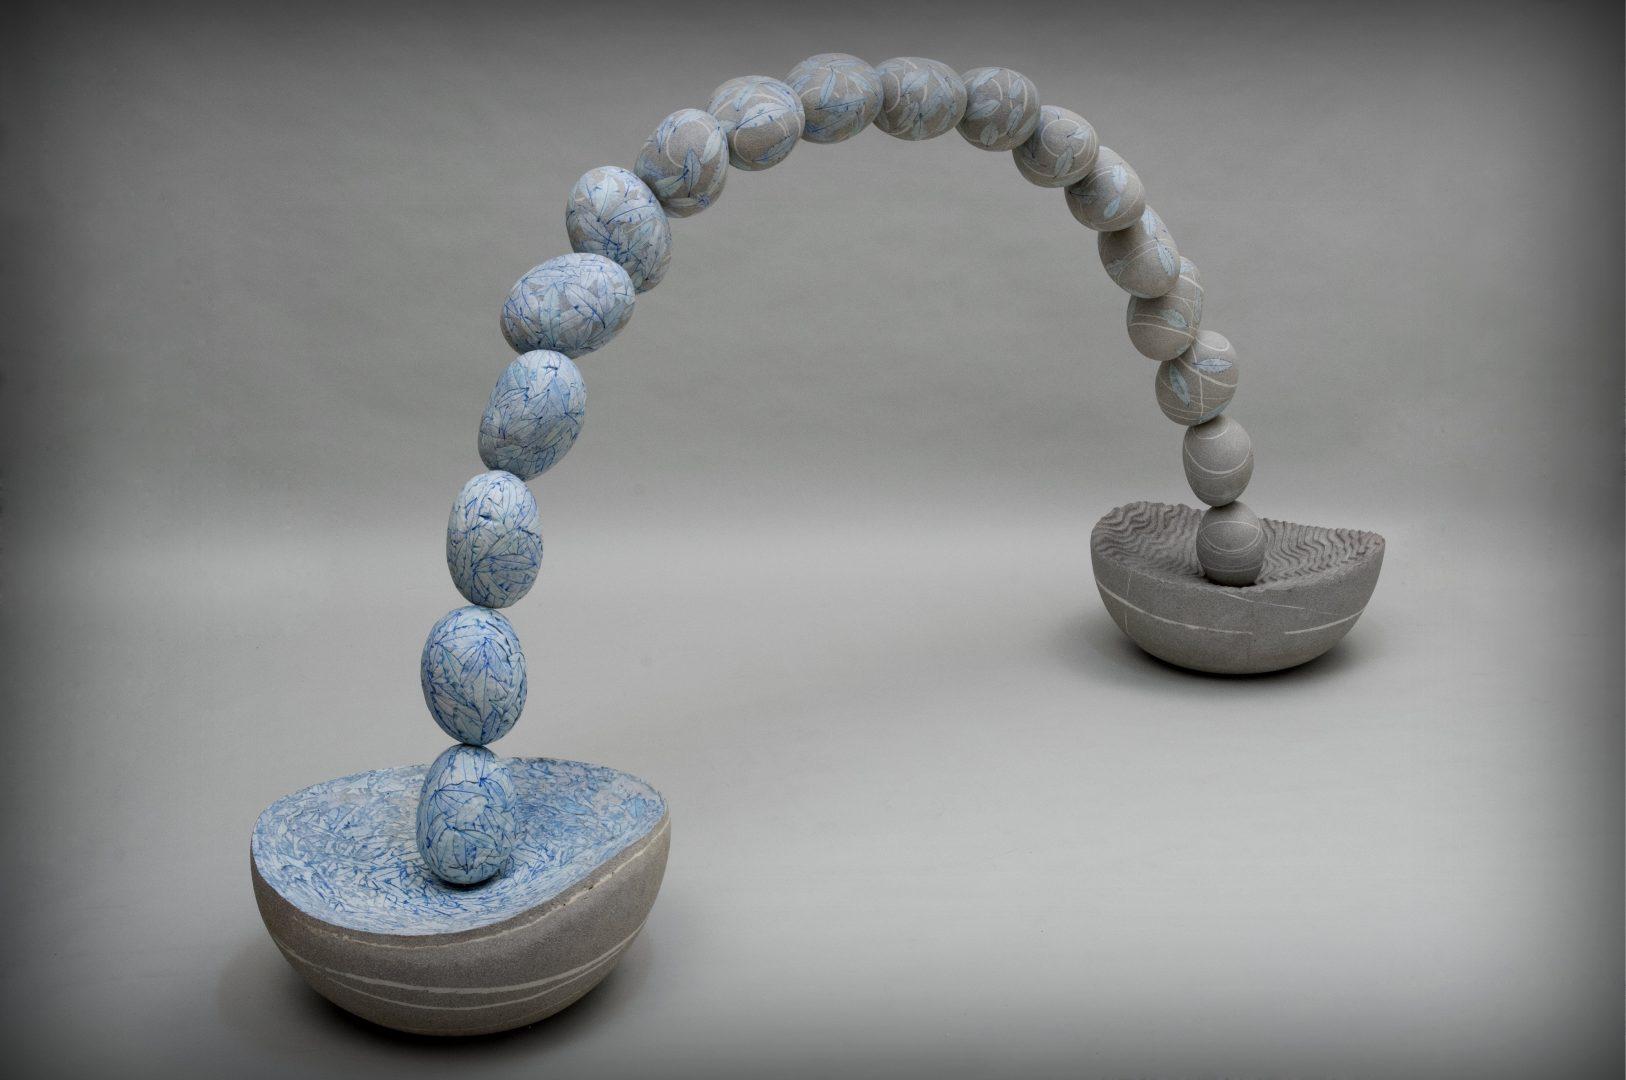 Favorito La scultura ceramica contemporanea in Italia - Buongiorno Ceramica! JD66